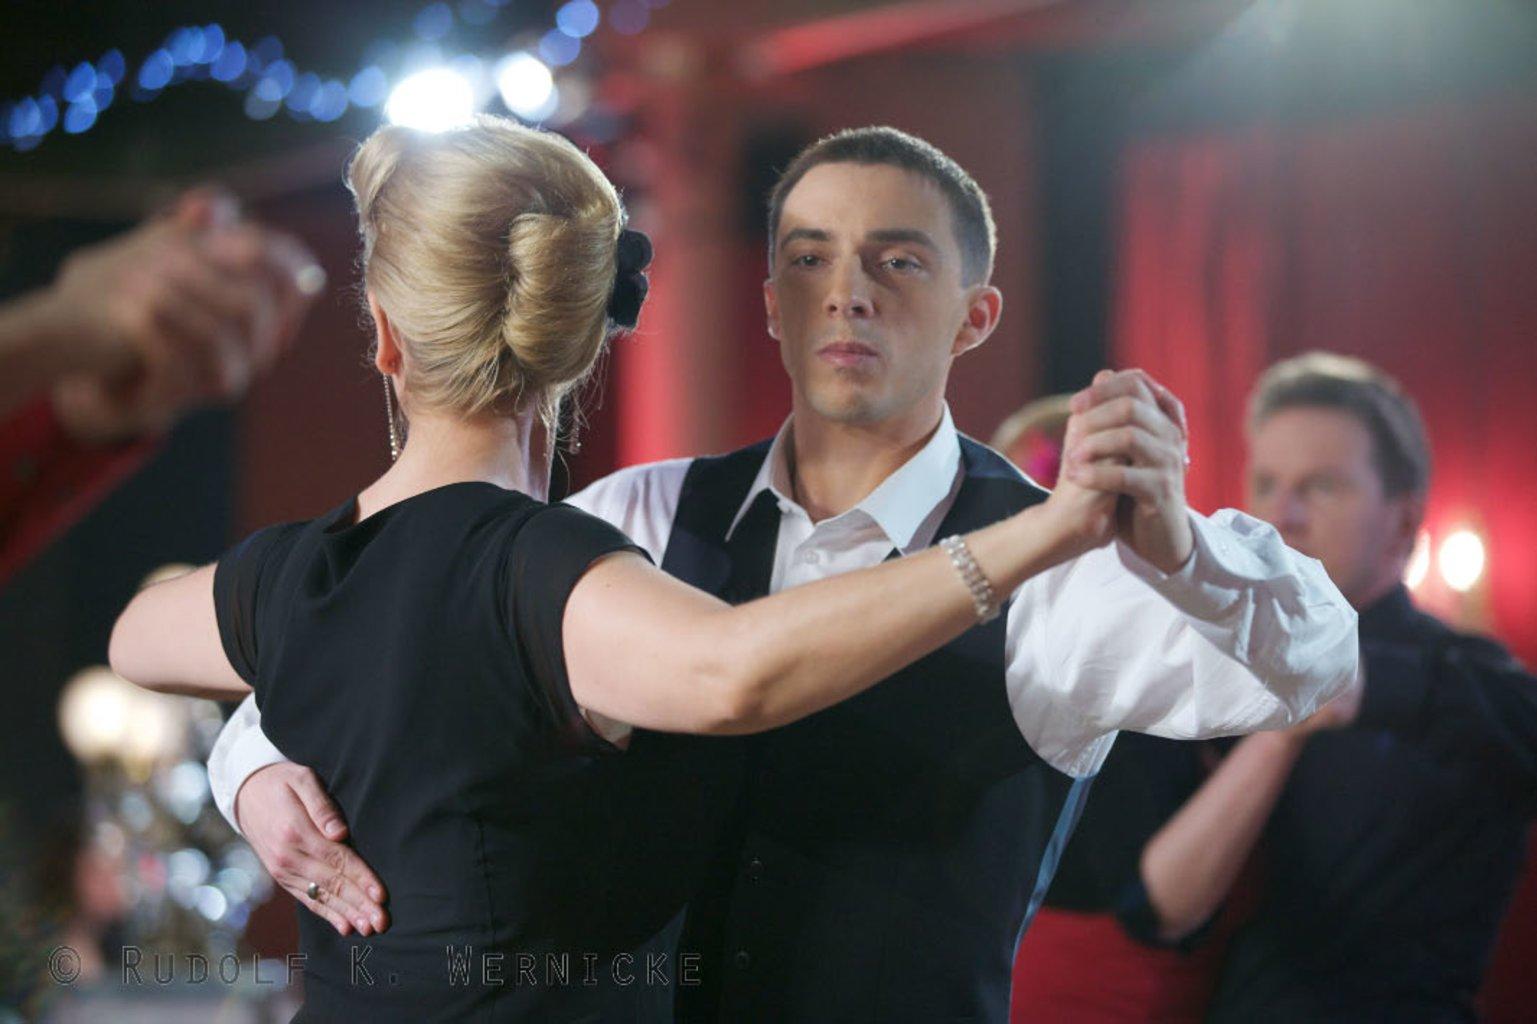 Tanzschule wernecke single